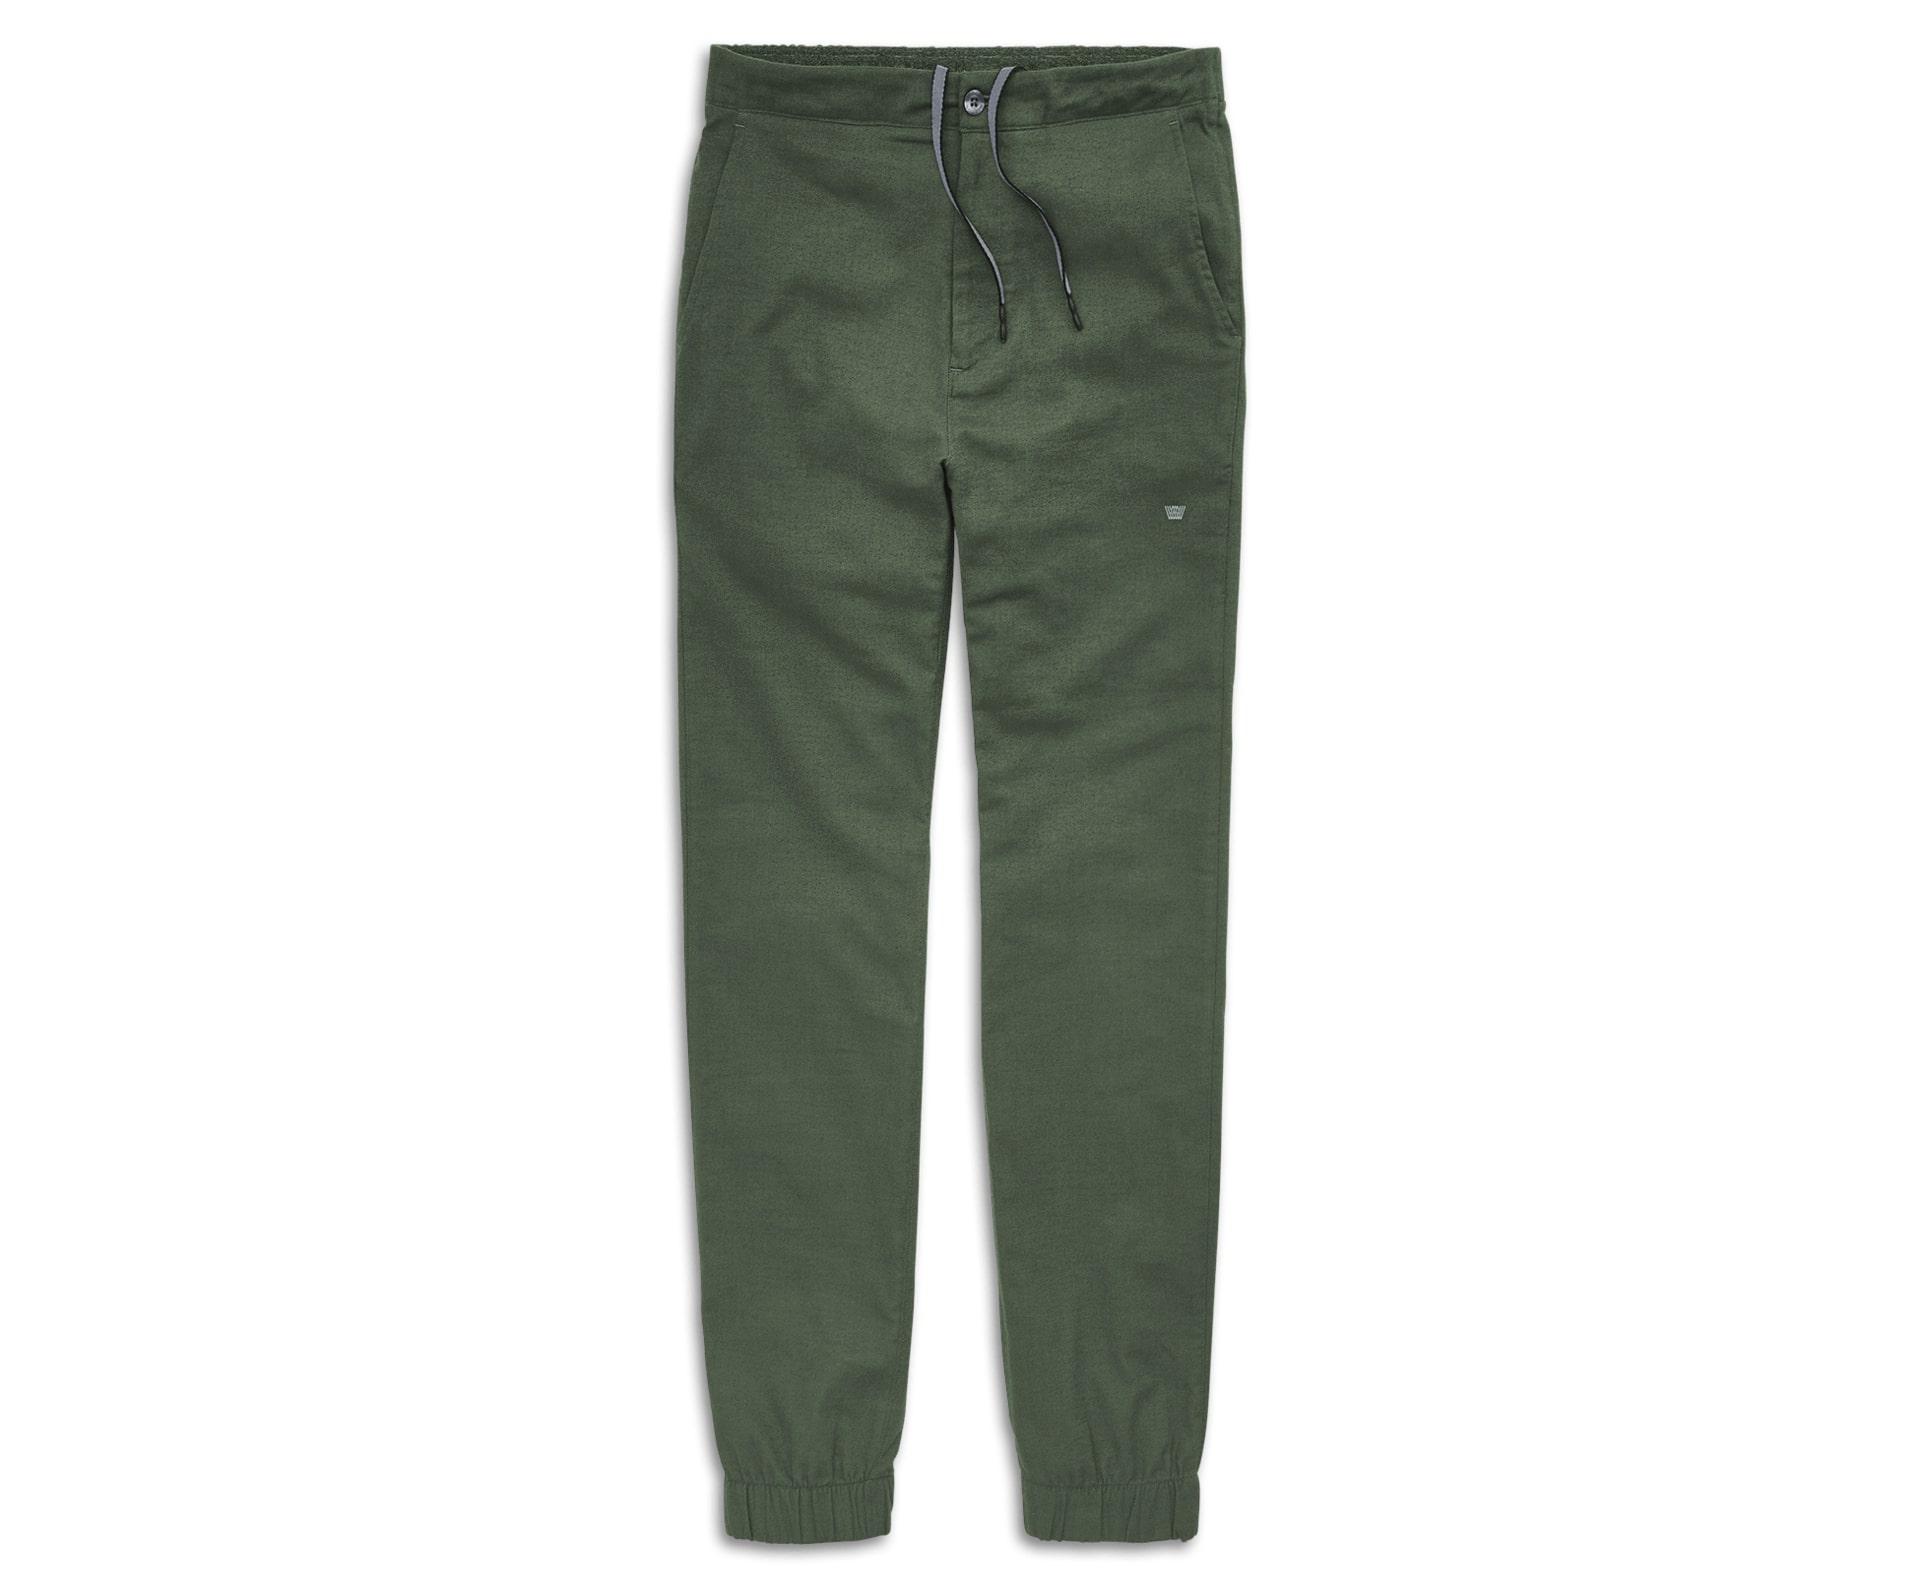 Mack Weldon Sunday Lounge Pants in green; best men's loungewear